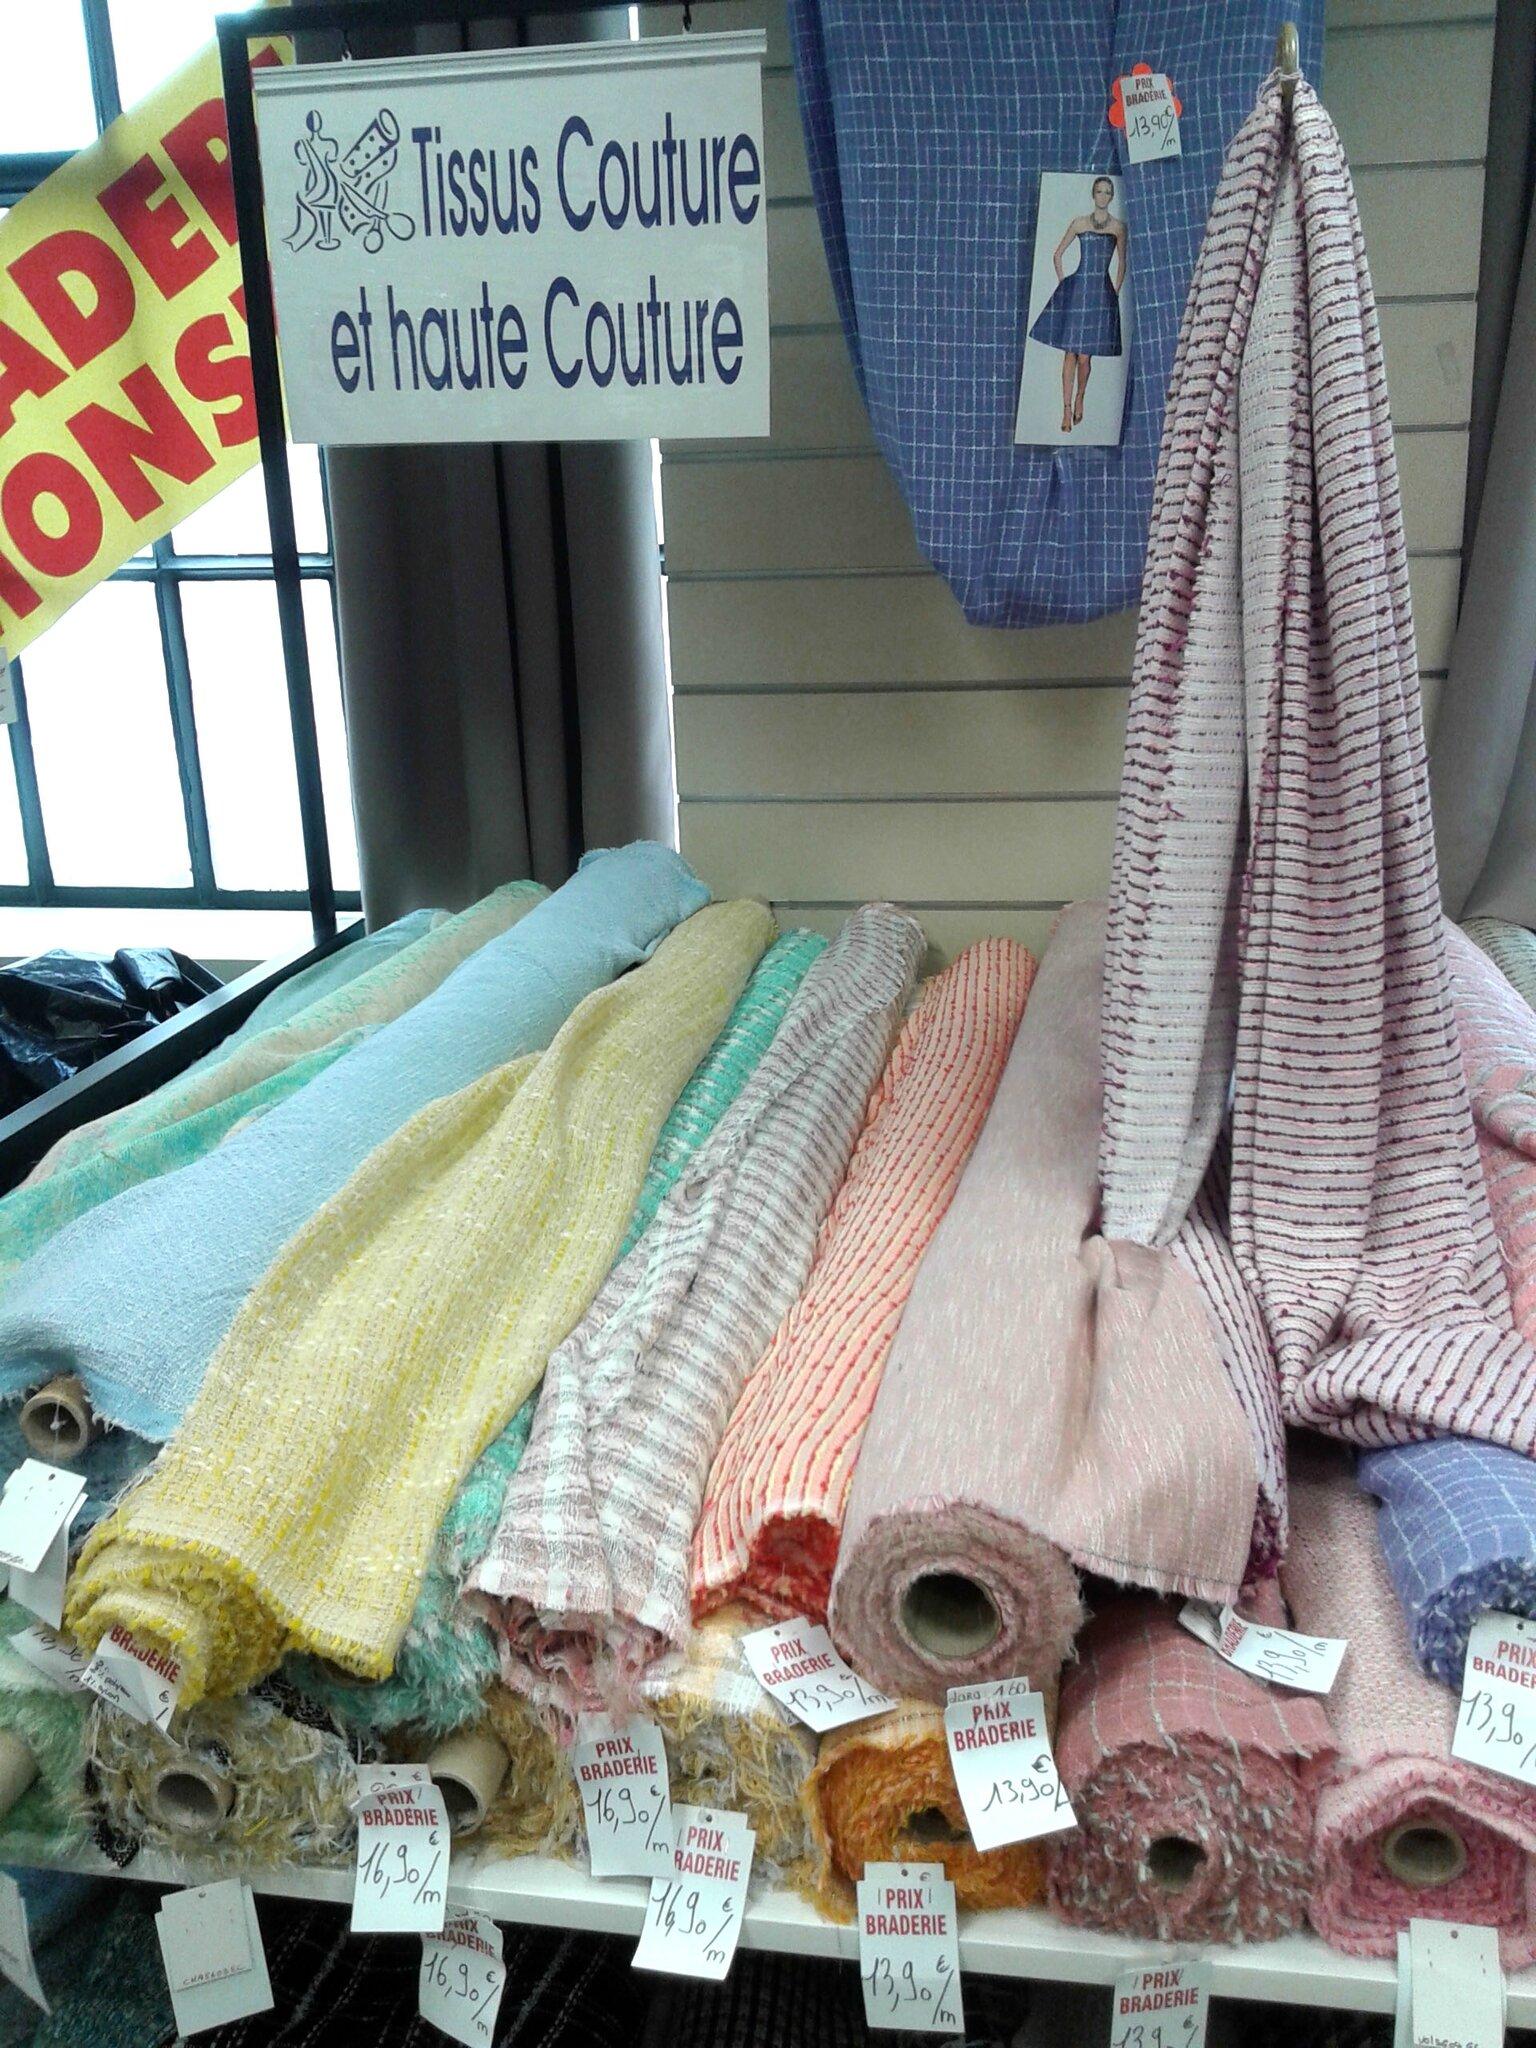 Bon plan ellen d coration tissus haute couture troyes les ateliers de - Magasin japonais paris ...